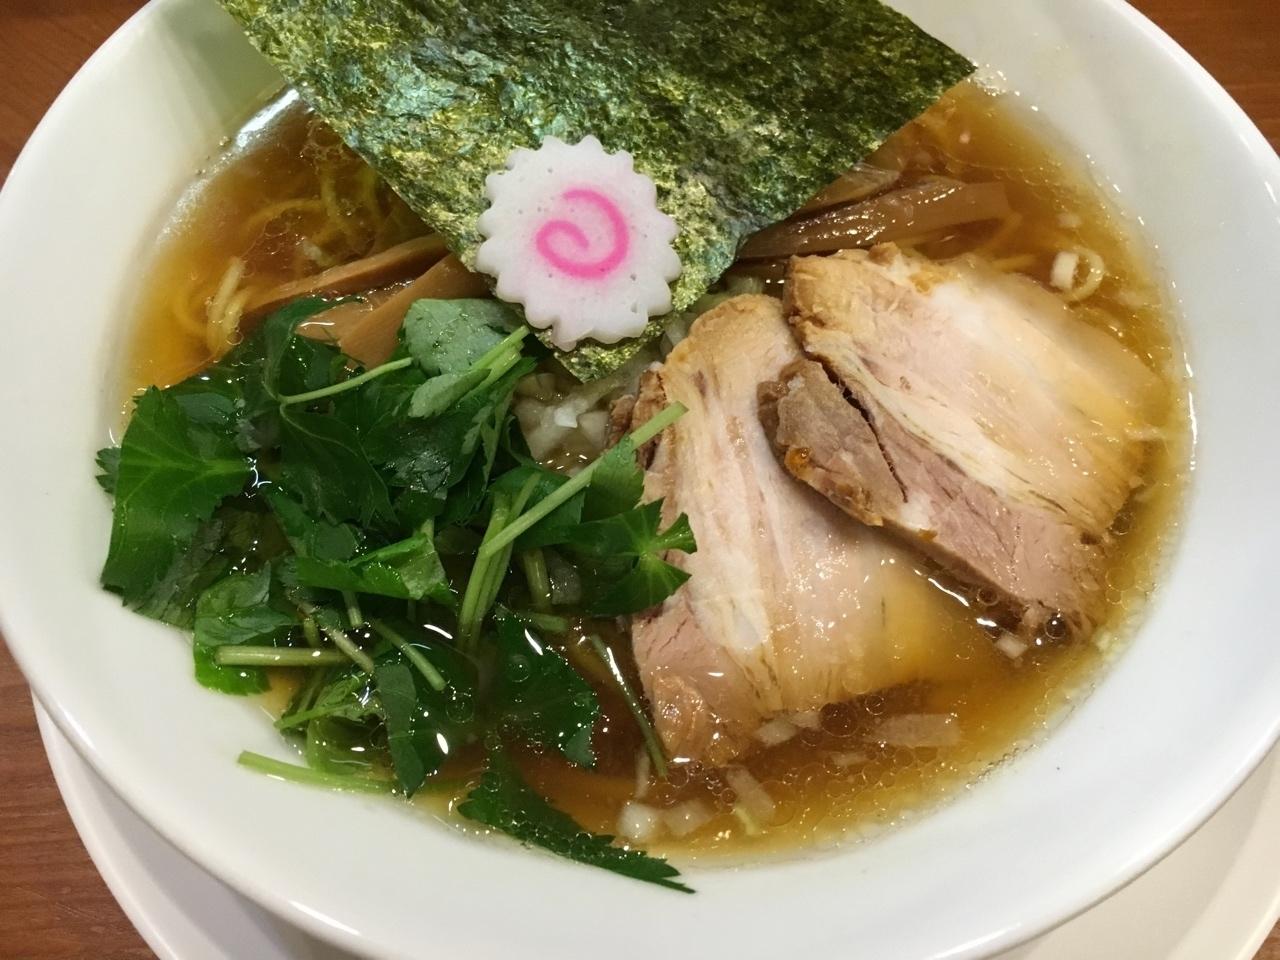 新宿で醤油ラーメンならココで!新宿で食べたい醤油ラーメン人気店4選